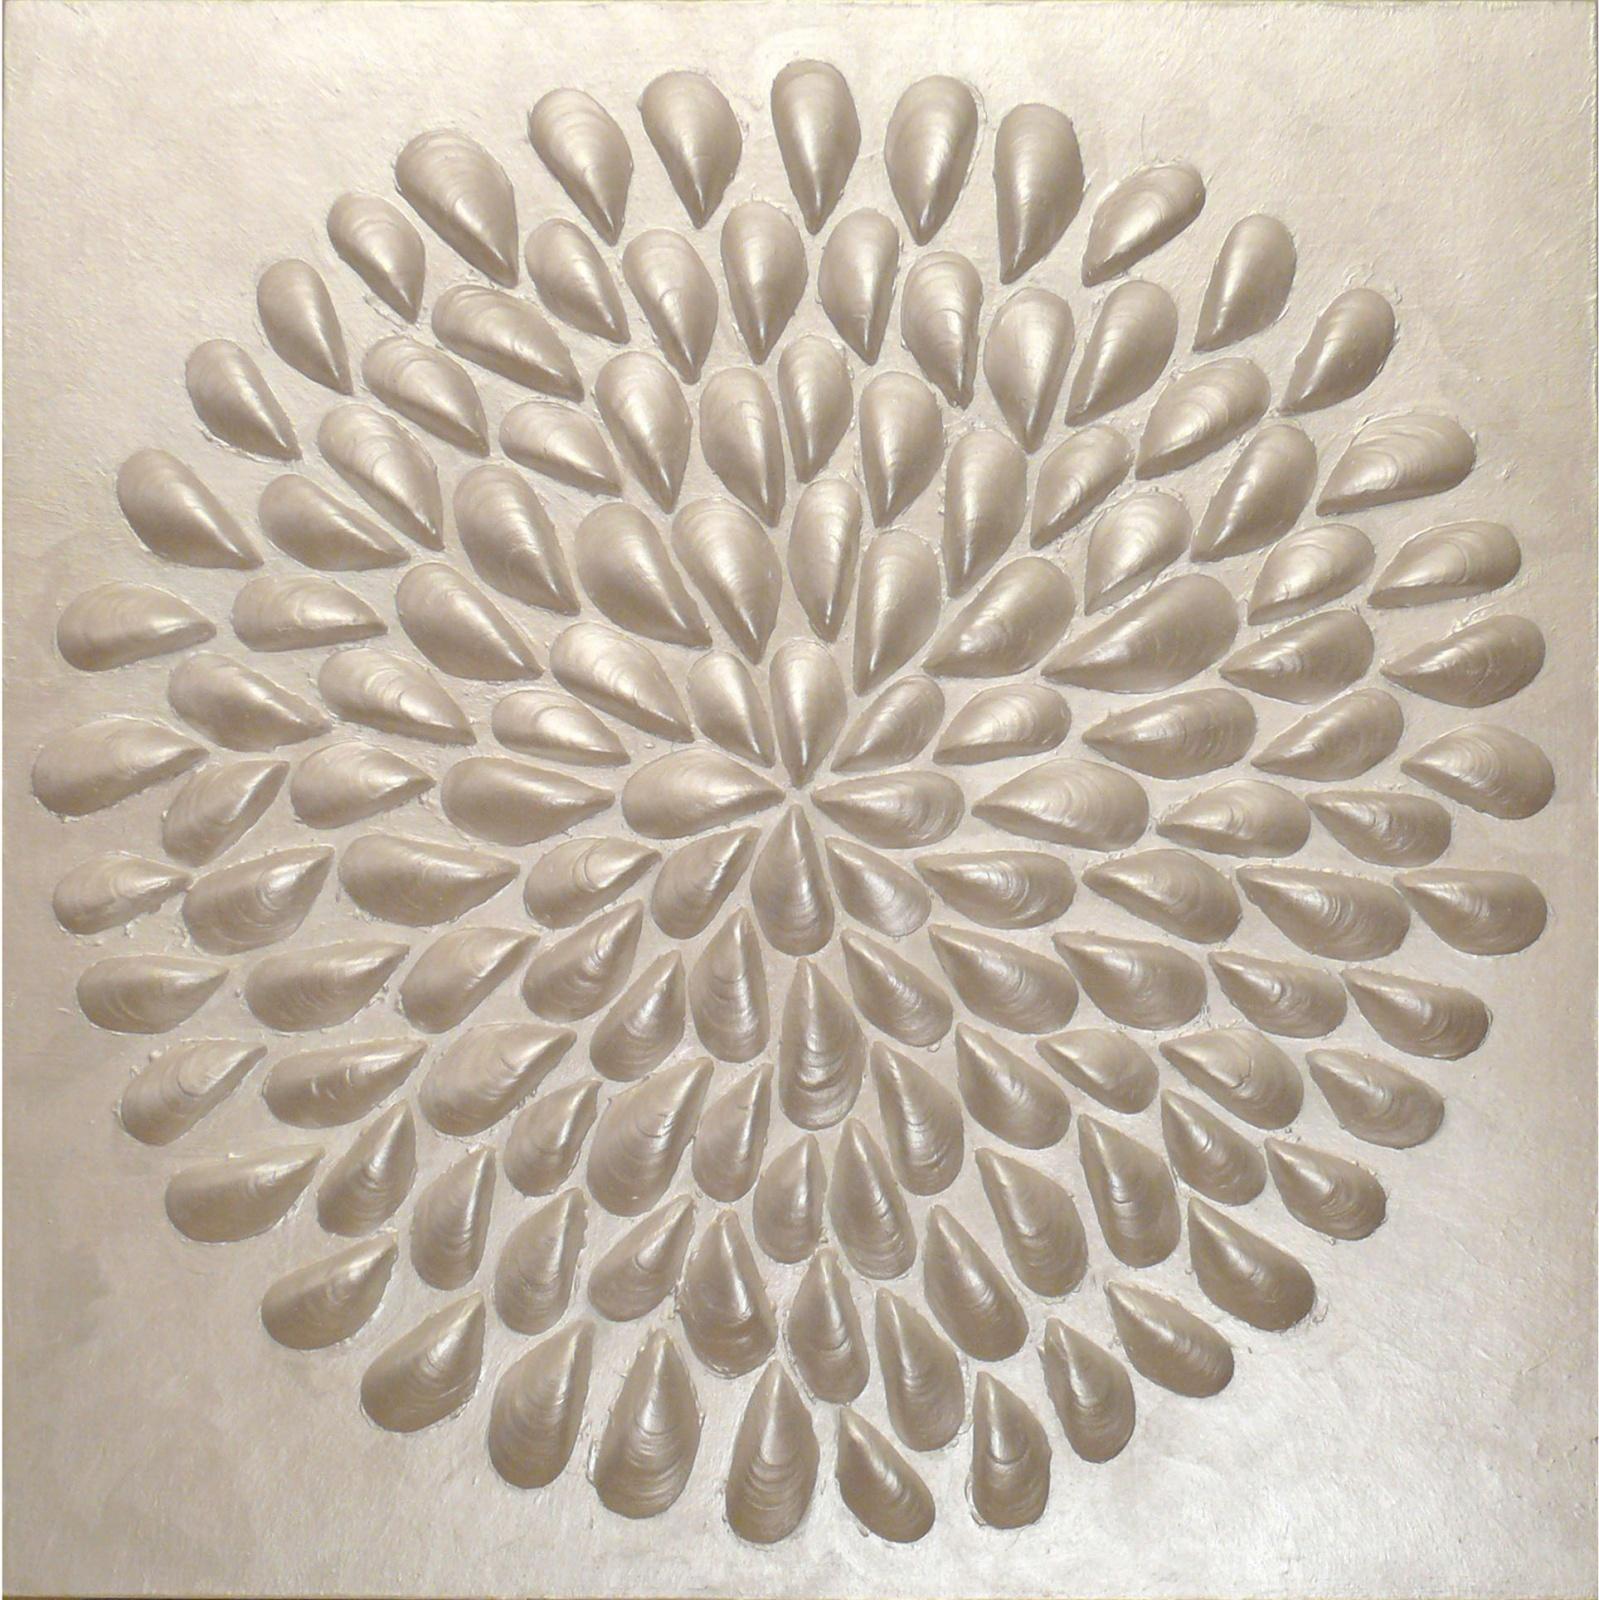 I FIORI DEL MARE: Silver flower . 2012 - Mosaico di gusci di frutti di mare su tavola, colore acrilico + teca in plexiglass, cm.65 x 65 x 10 Collezione arch. Luigi Sylos Labini, Bari